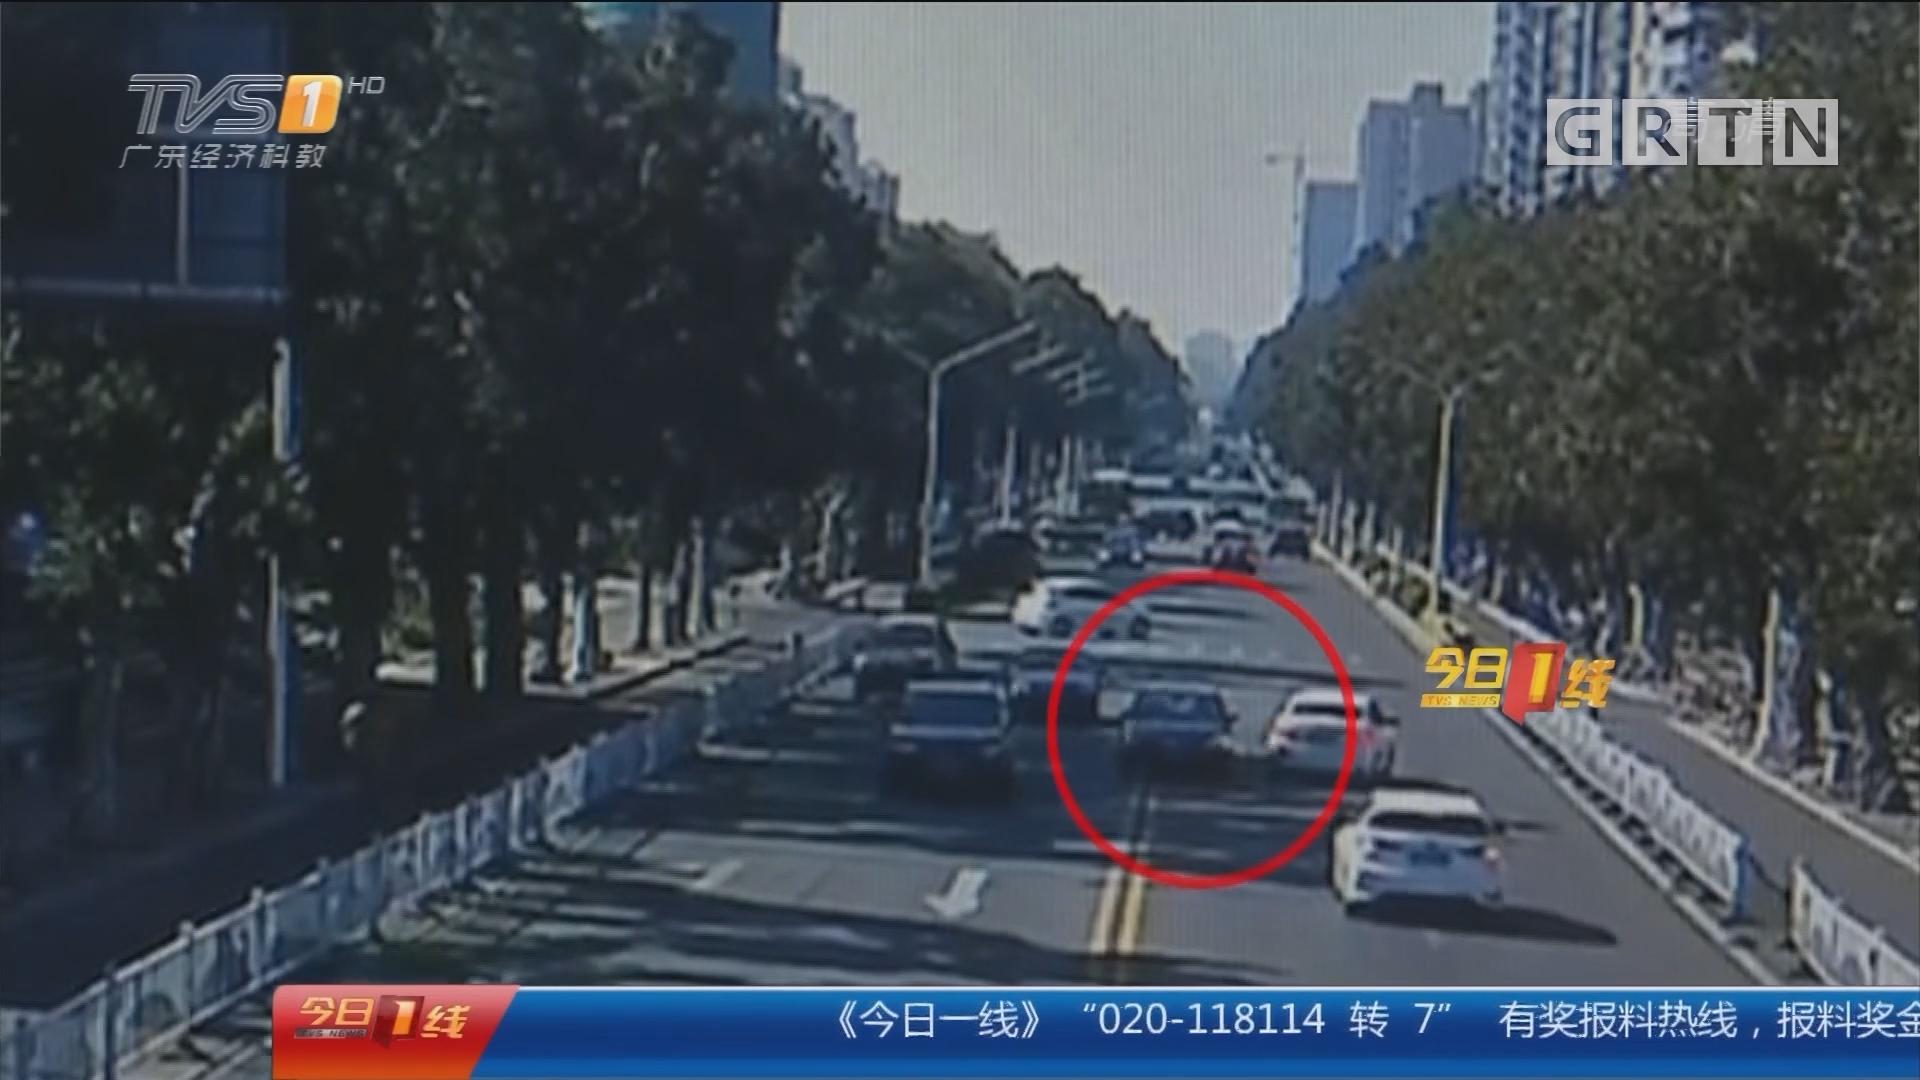 珠海:小车遇查车逃窜 先撞交警再撞路人